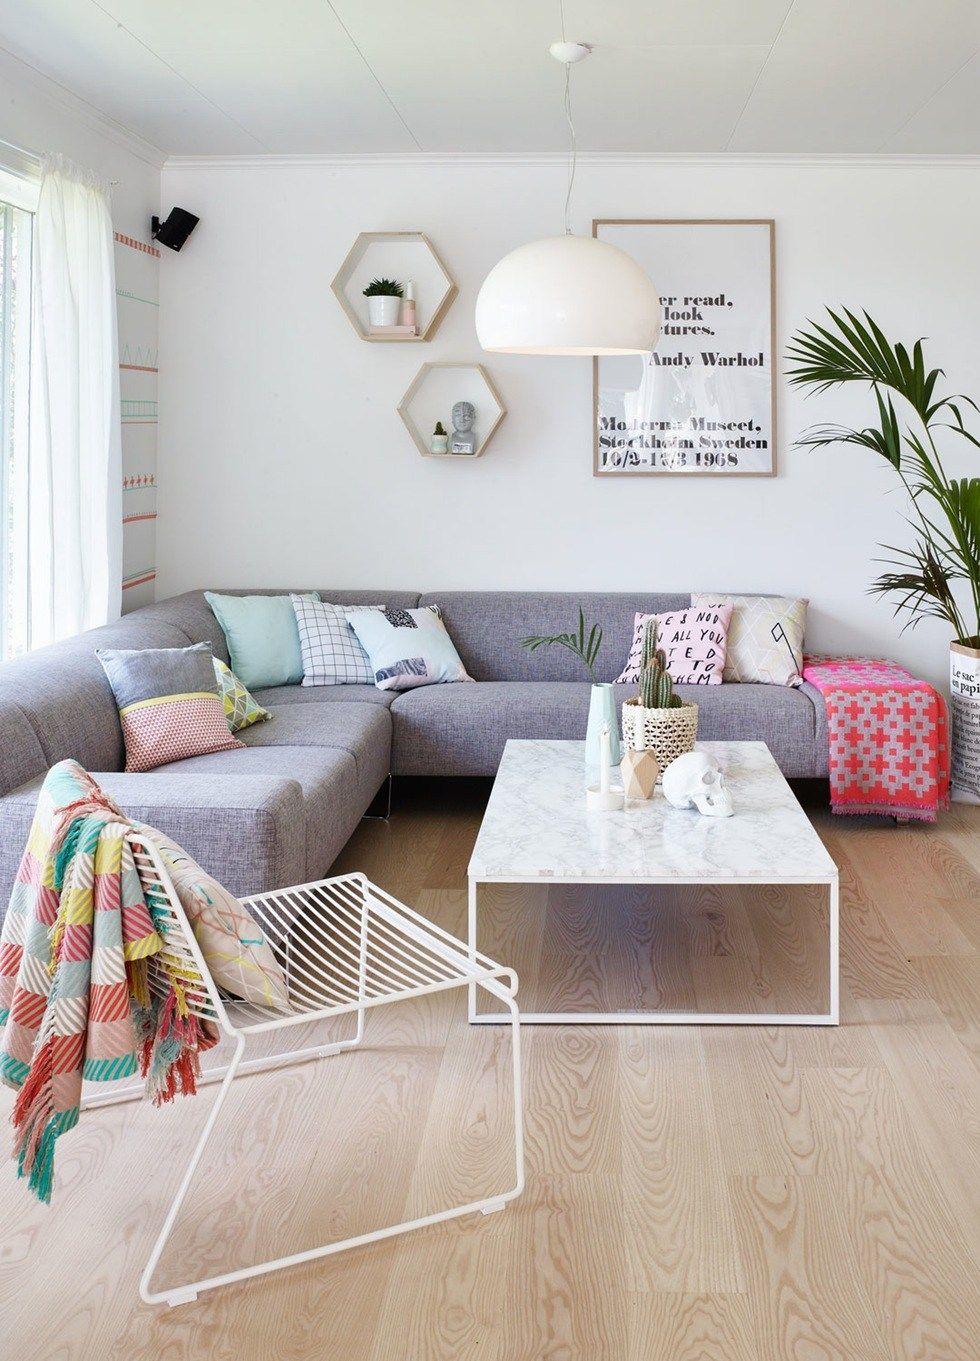 Colores frescos y diy para el invierno en noruega casa for Adornos casa baratos